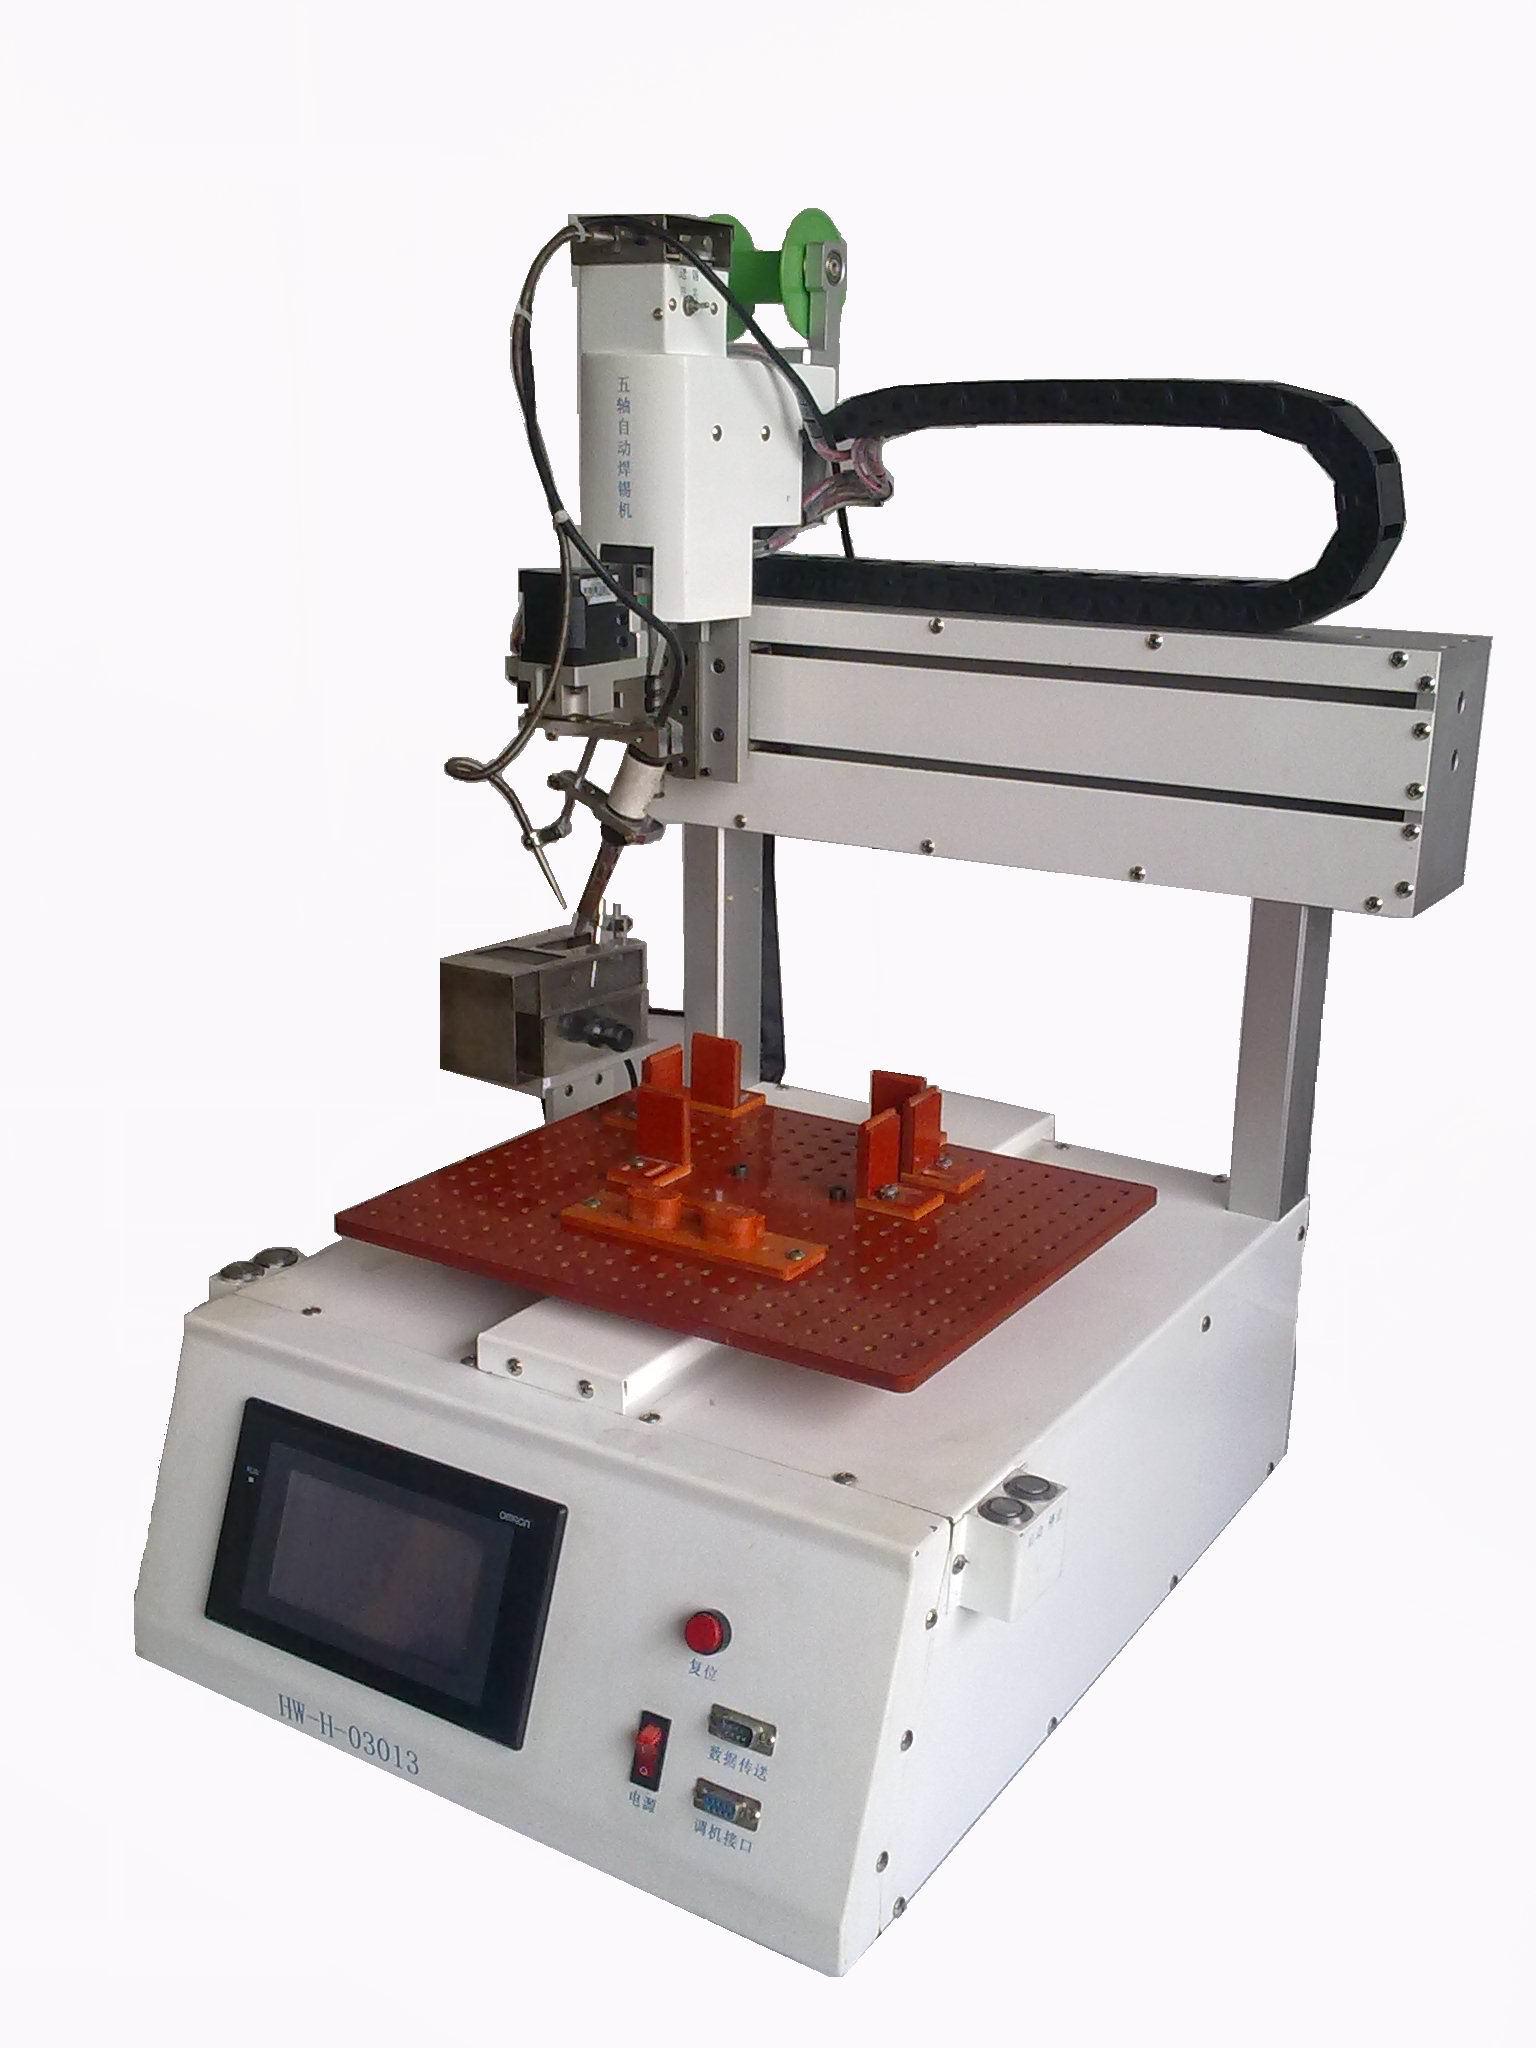 365bet体育在线_东莞自动焊锡机